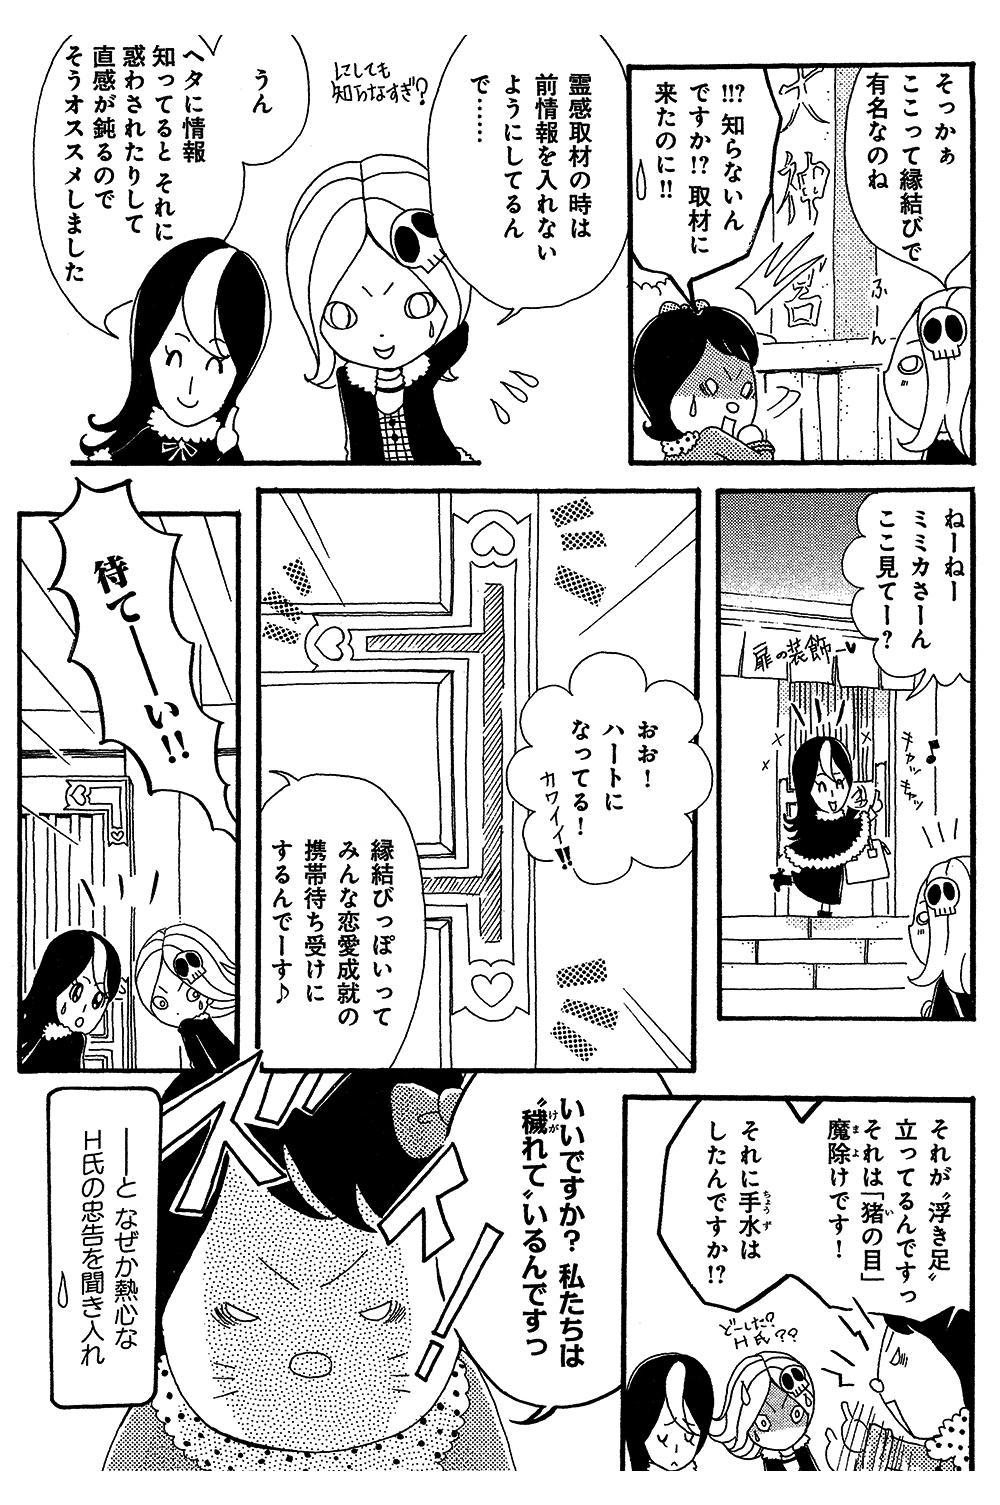 スピ☆散歩 第1話「東京大神宮」①spi0014.jpg